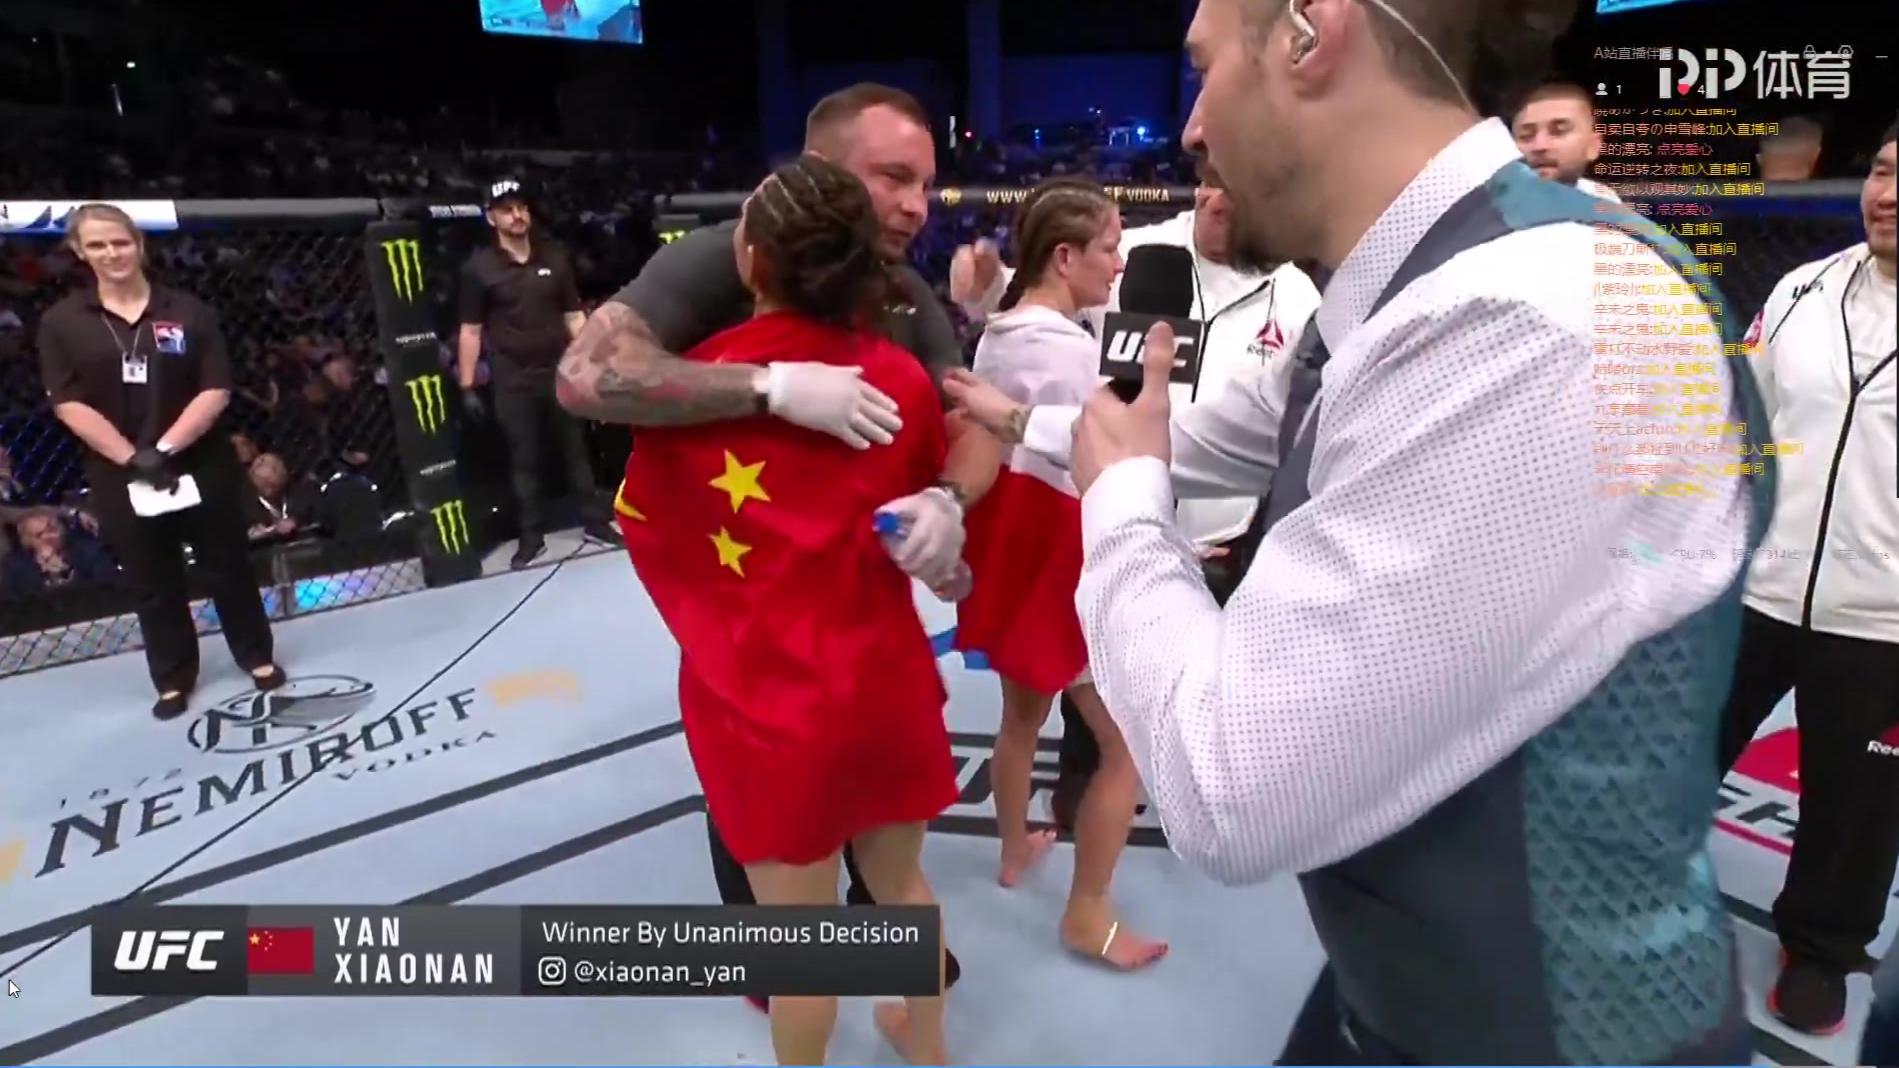 UFC中国选手闫xiaonan